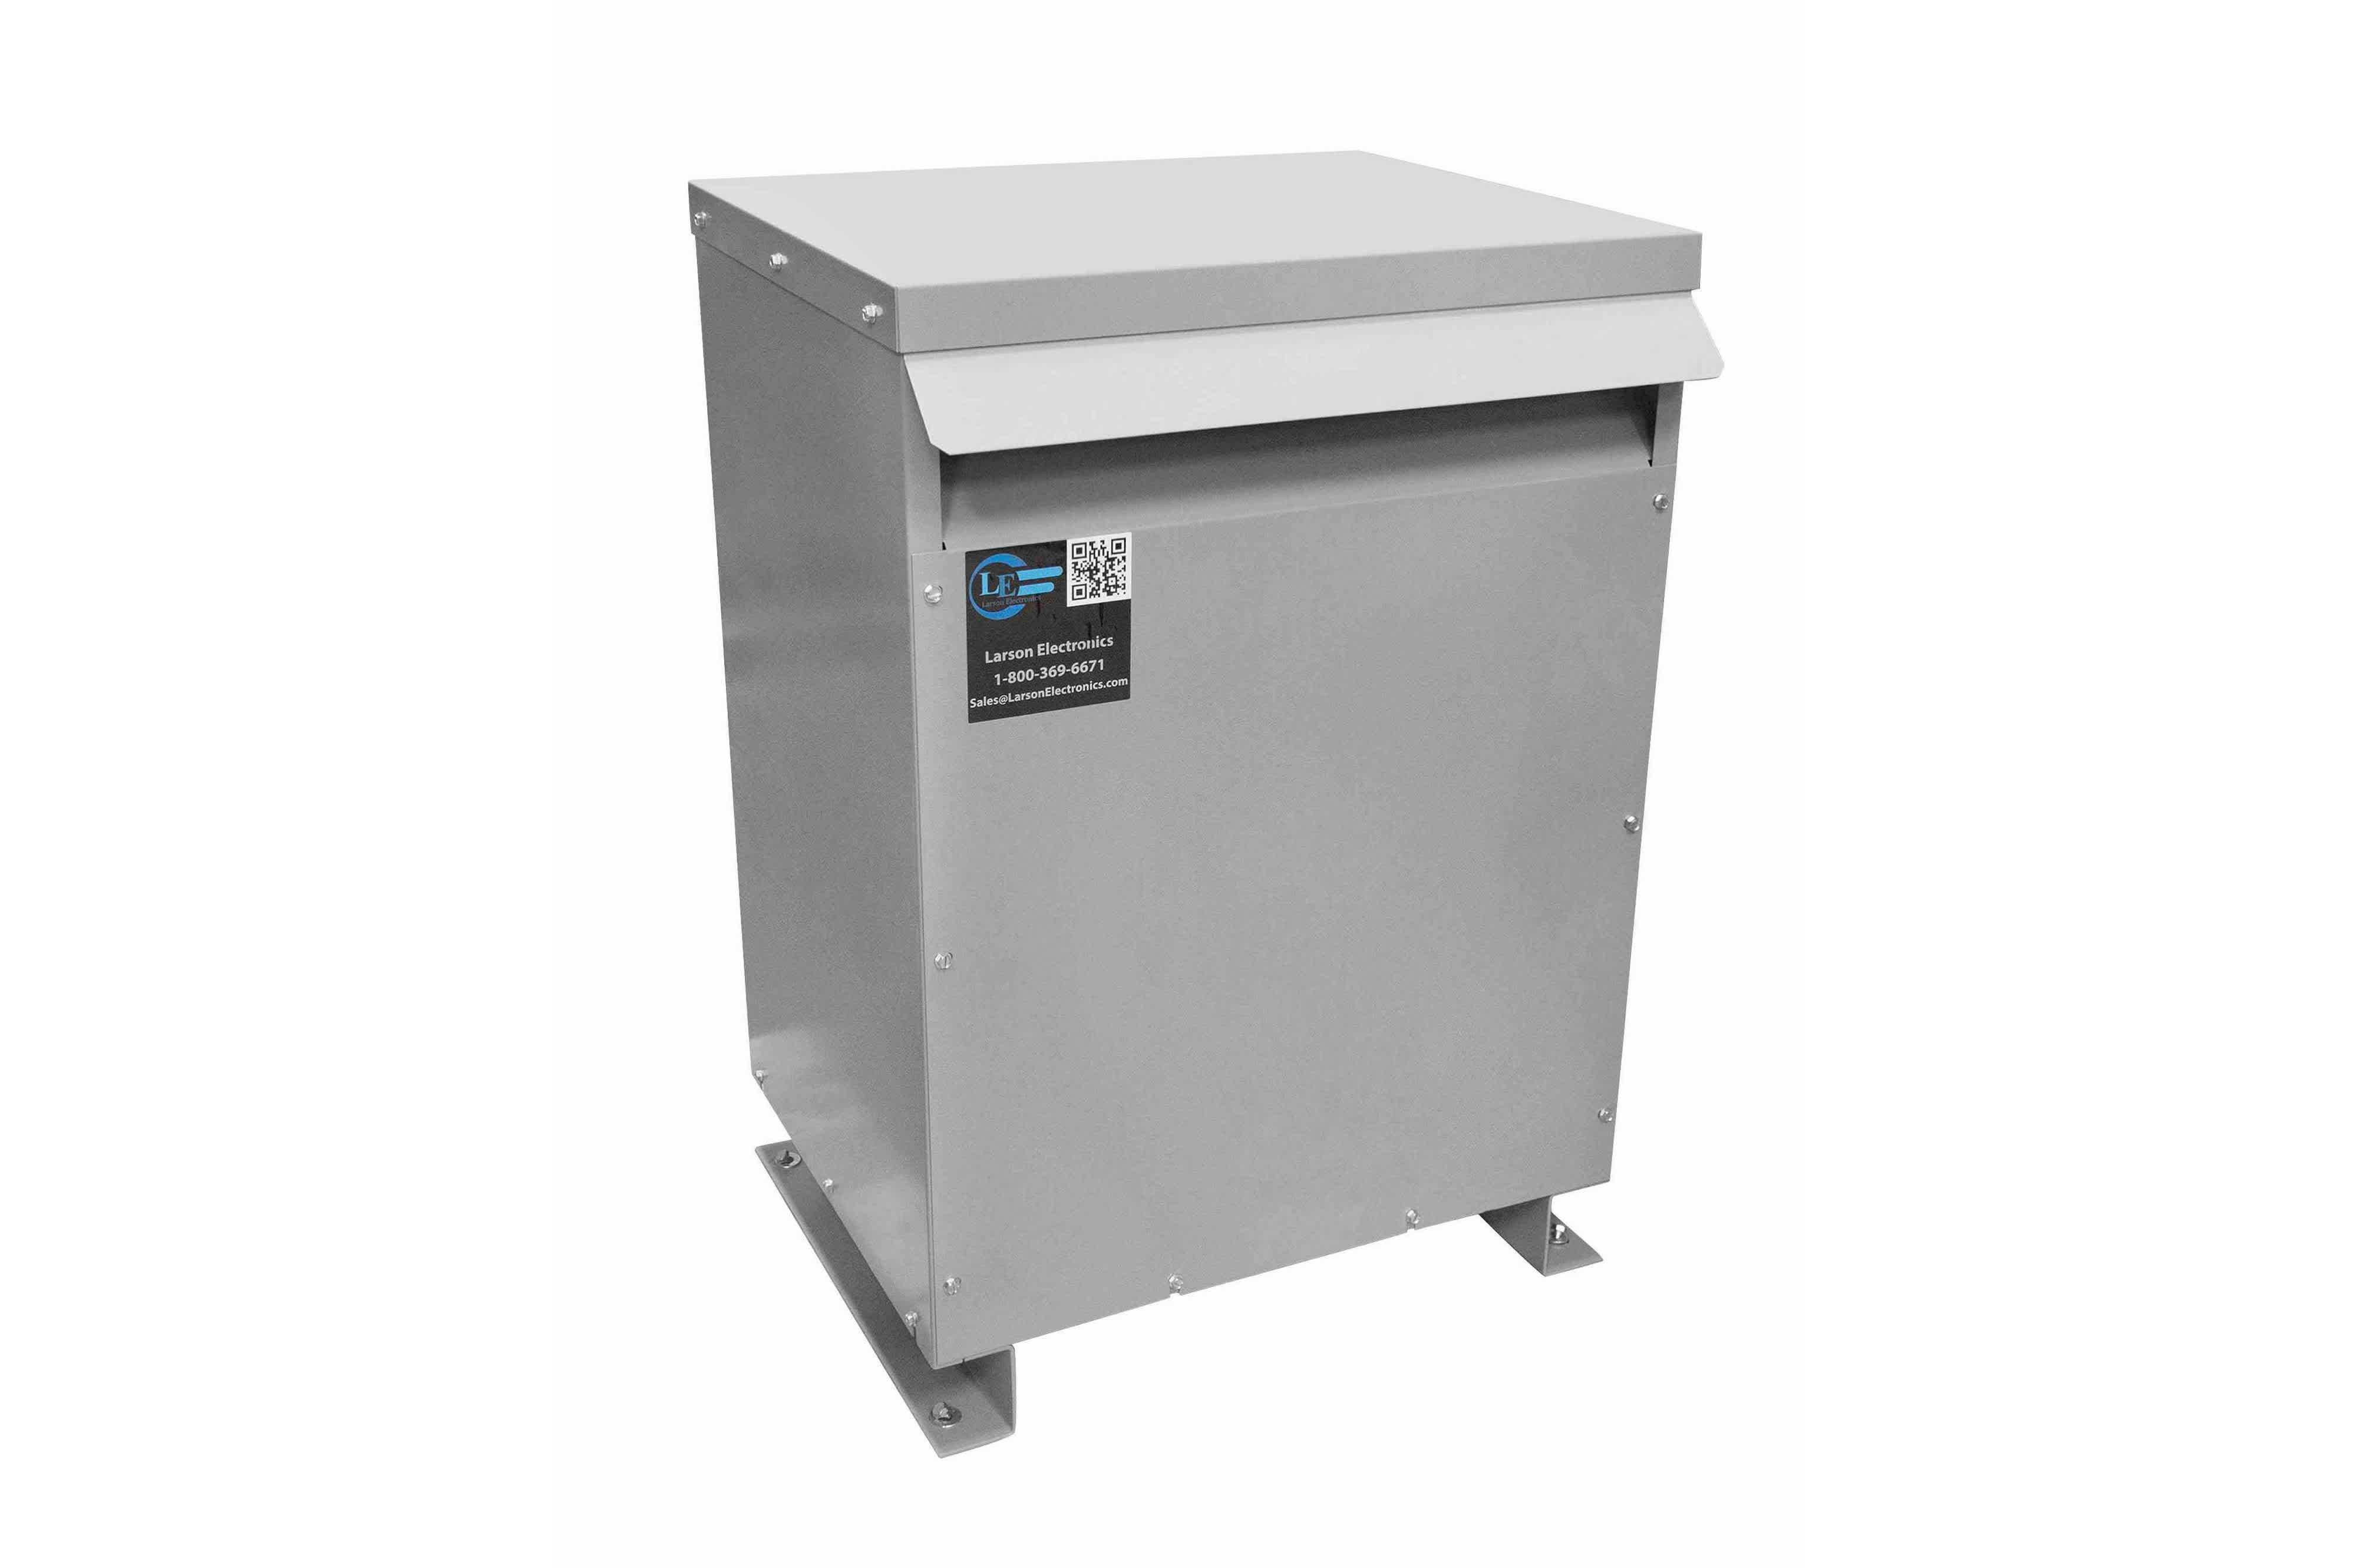 65 kVA 3PH Isolation Transformer, 575V Delta Primary, 380V Delta Secondary, N3R, Ventilated, 60 Hz